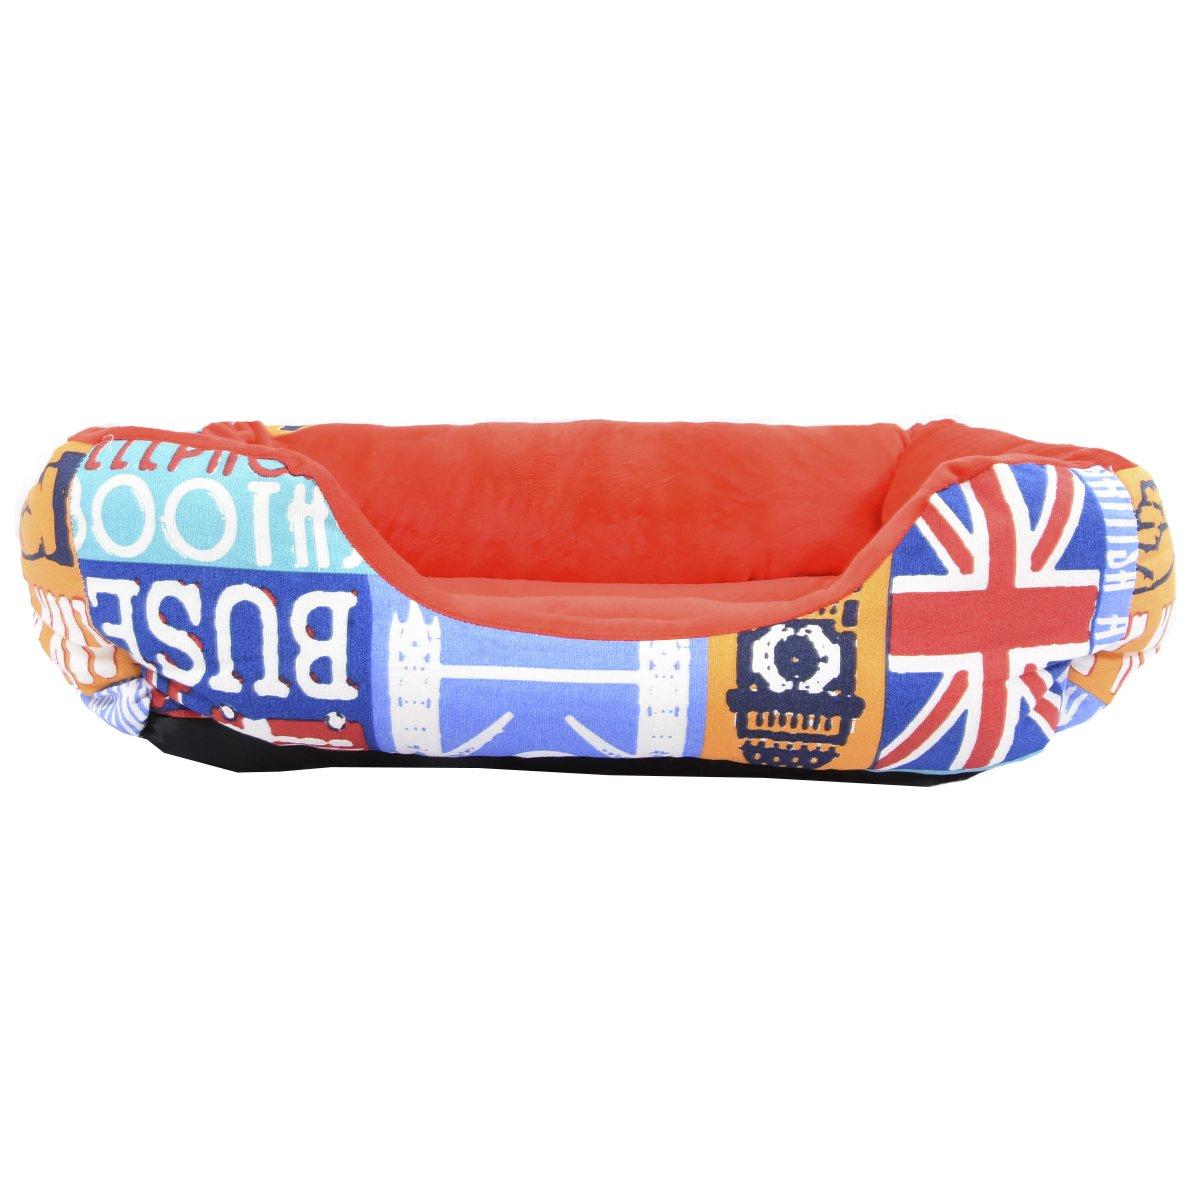 Cama para perro y gato LONDON COLORES 55*45cm.: Amazon.es: Hogar